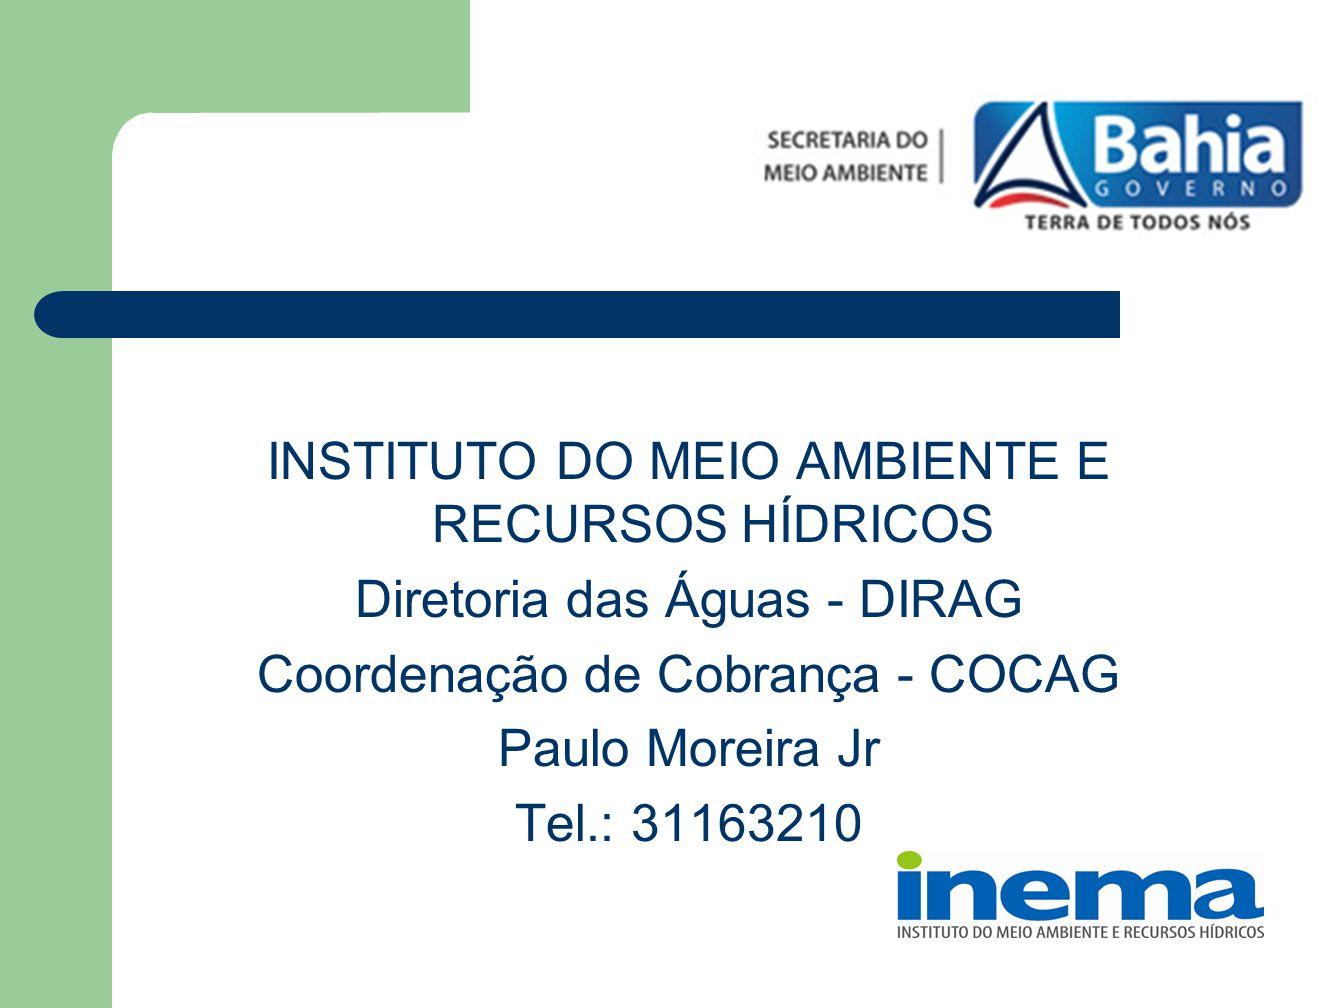 INSTITUTO DO MEIO AMBIENTE E RECURSOS HÍDRICOS Diretoria das Águas - DIRAG Coordenação de Cobrança - COCAG Paulo Moreira Jr Tel.: 31163210